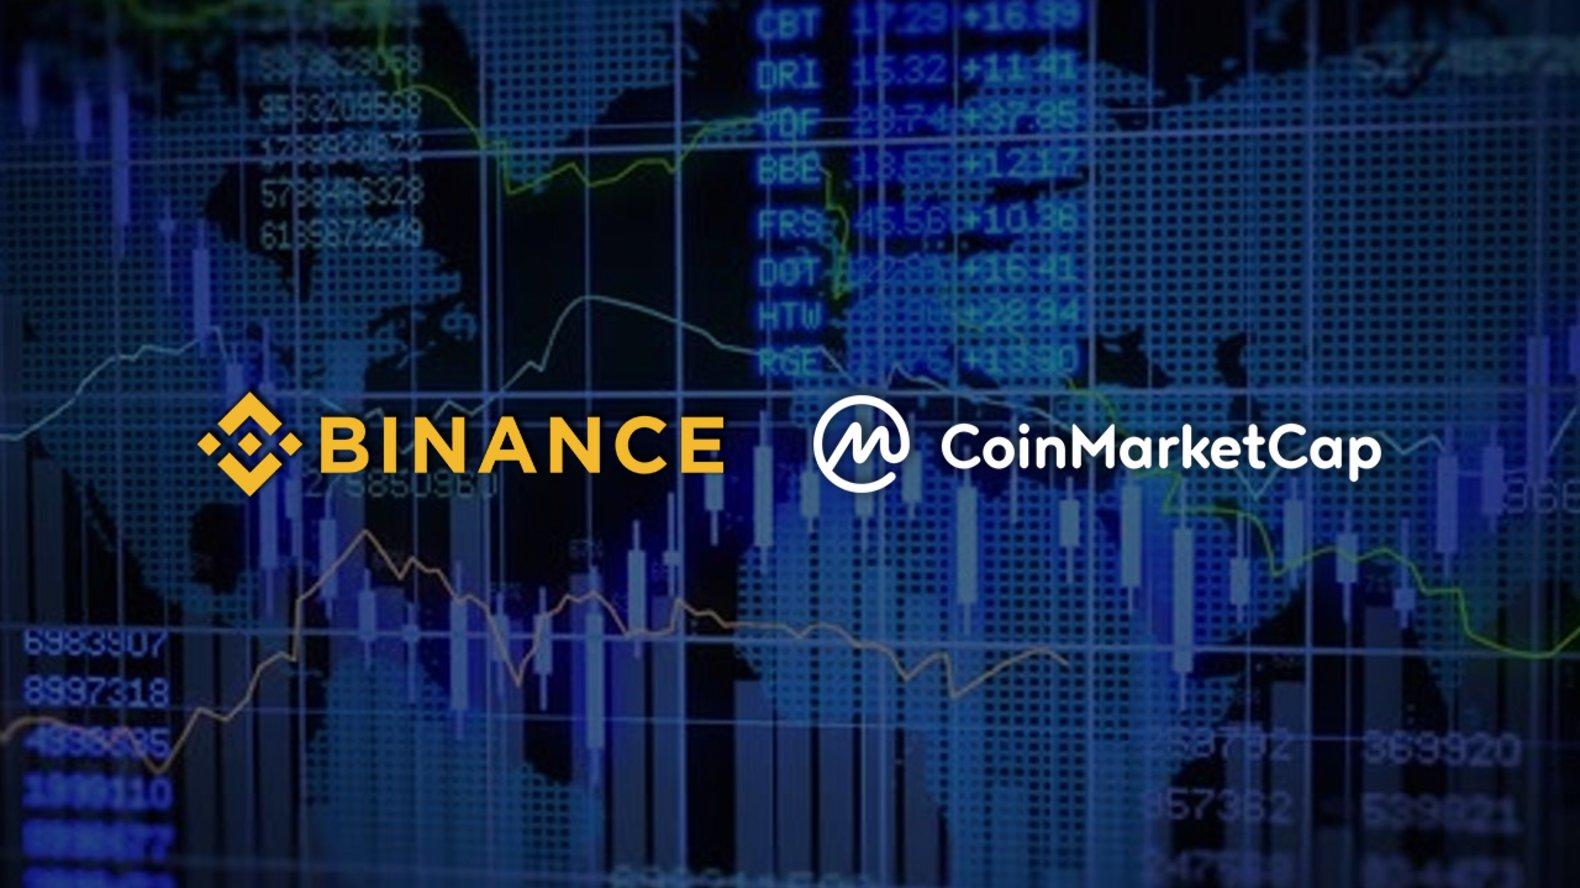 بينانس تحضر للإستحواذ على منصة CoinMarketCap مقابل 400 مليون دولار ... لماذا؟